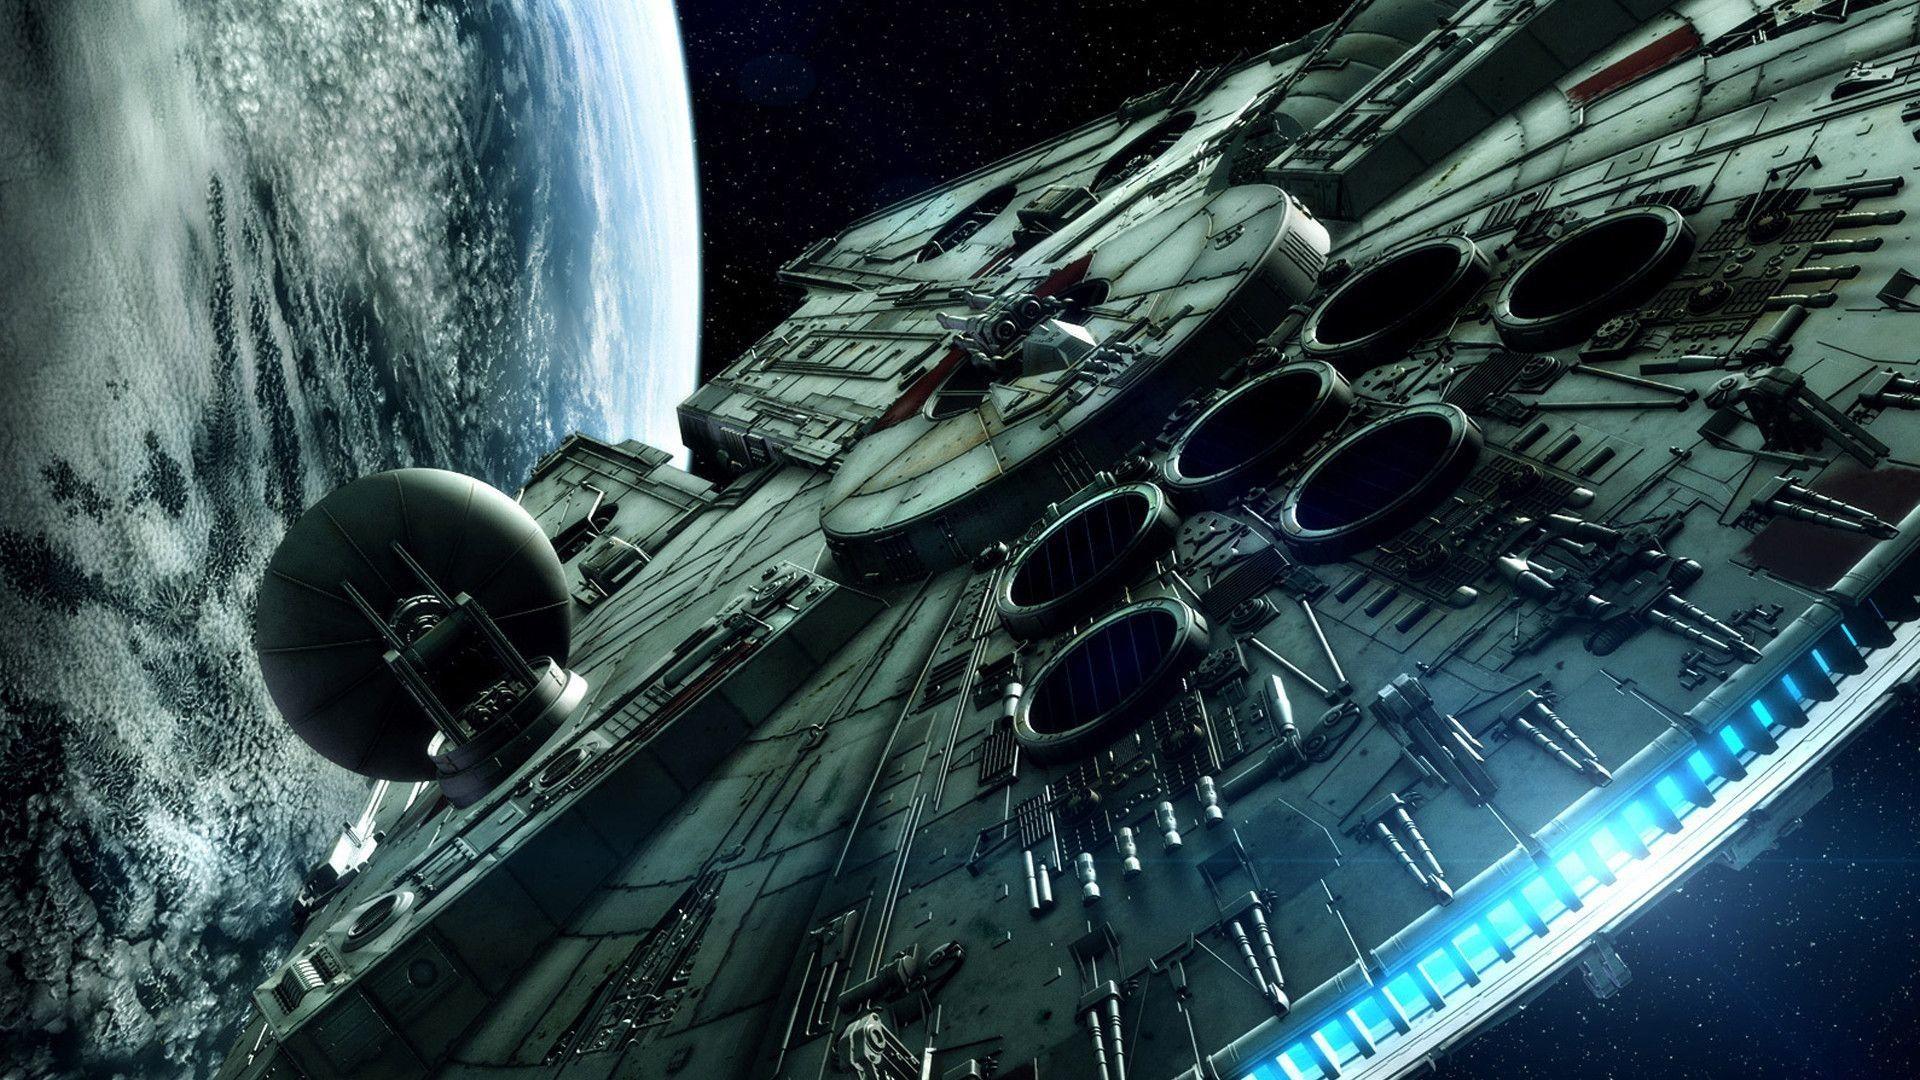 fondos de pantalla star wars halcon milenario